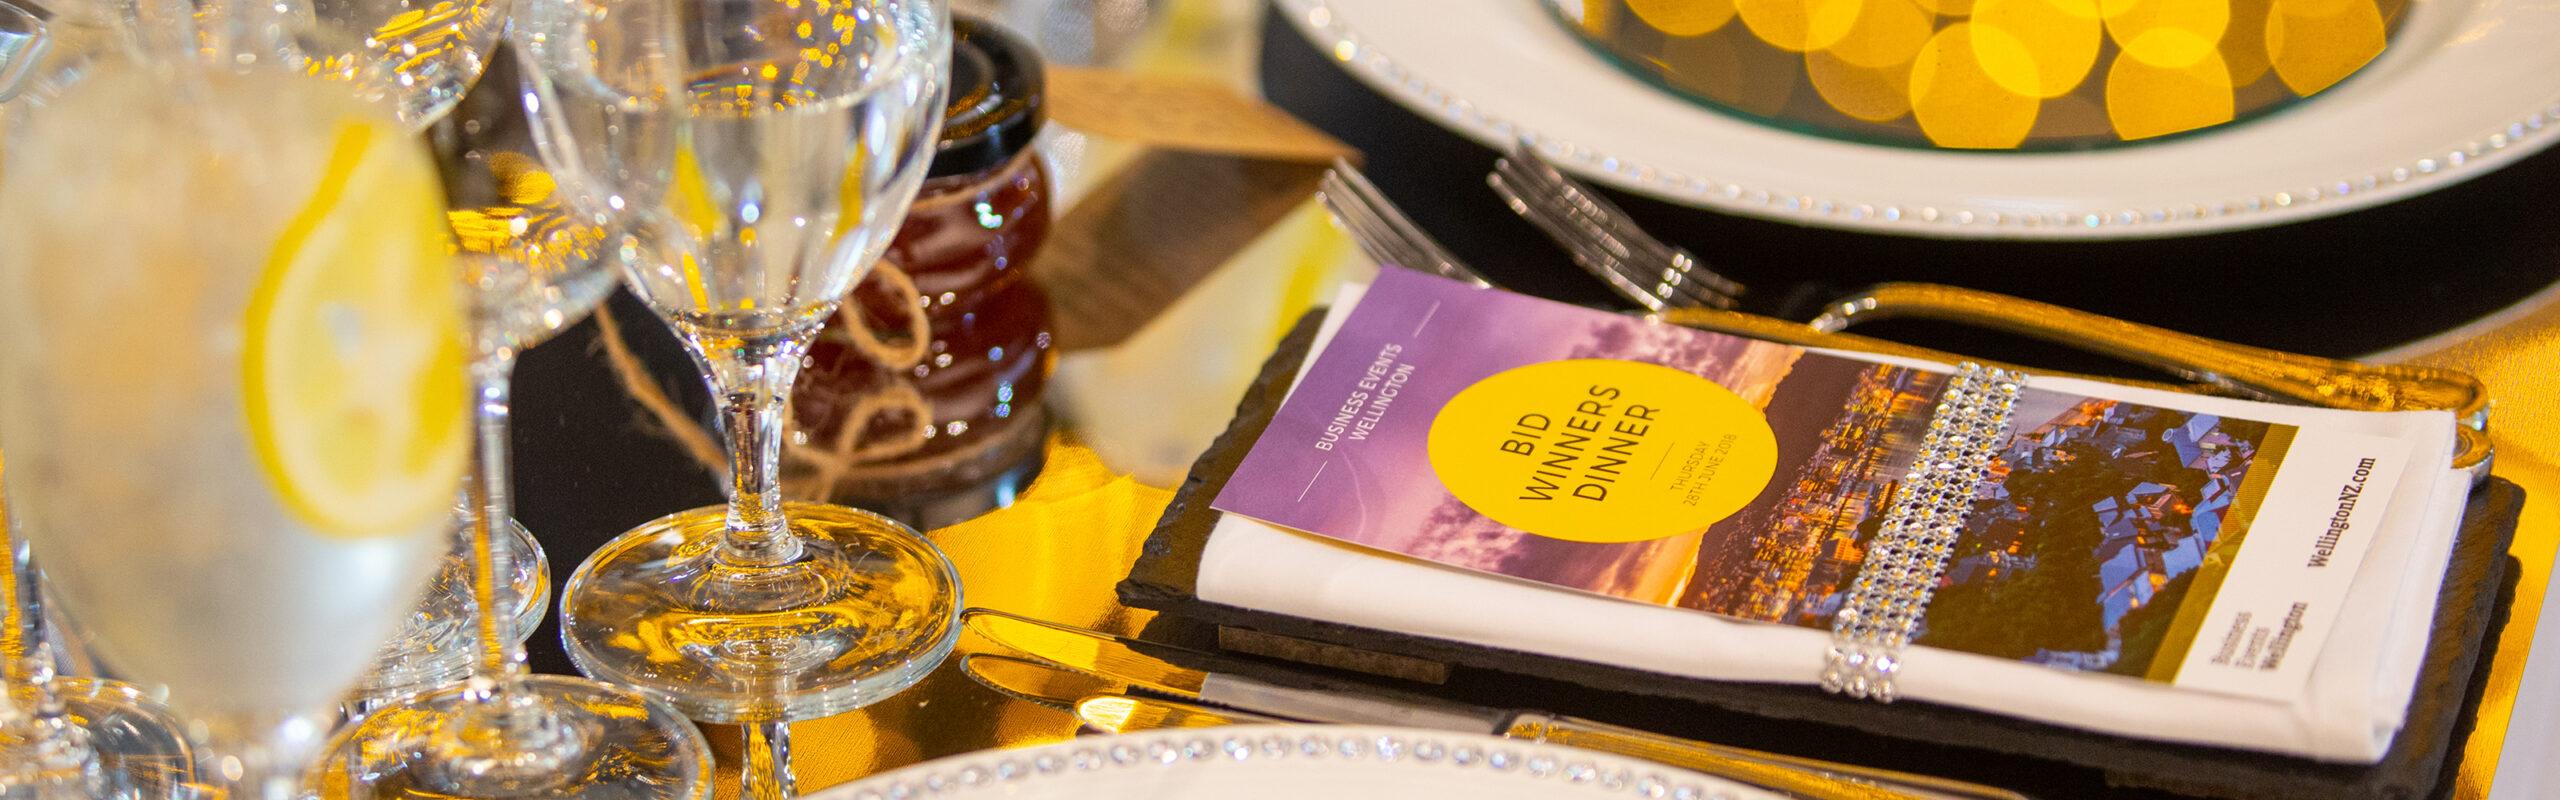 Cut the Mustard Awards Dinner // WellingtonNZ BID Winners' Dinner 2018